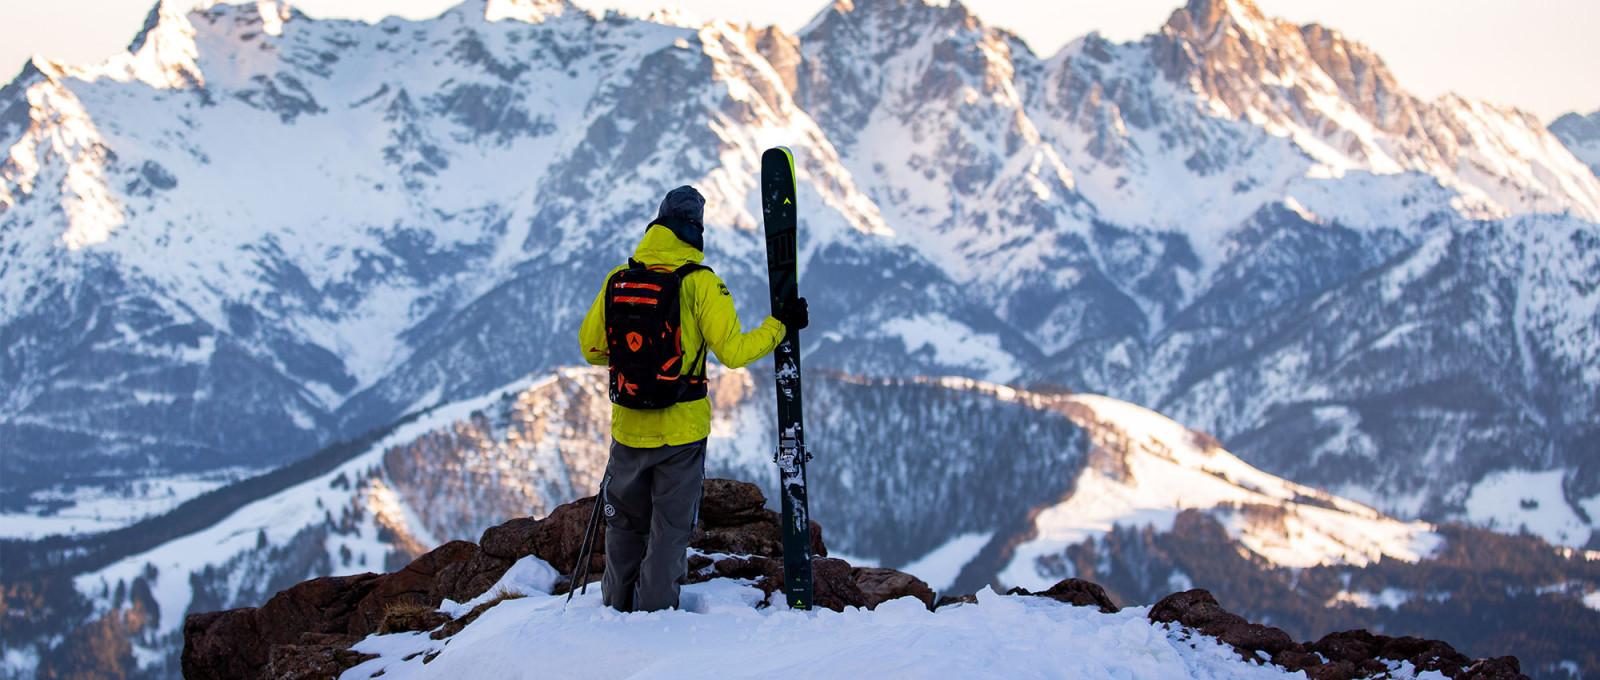 Dynastar_ski_snow_sportiger